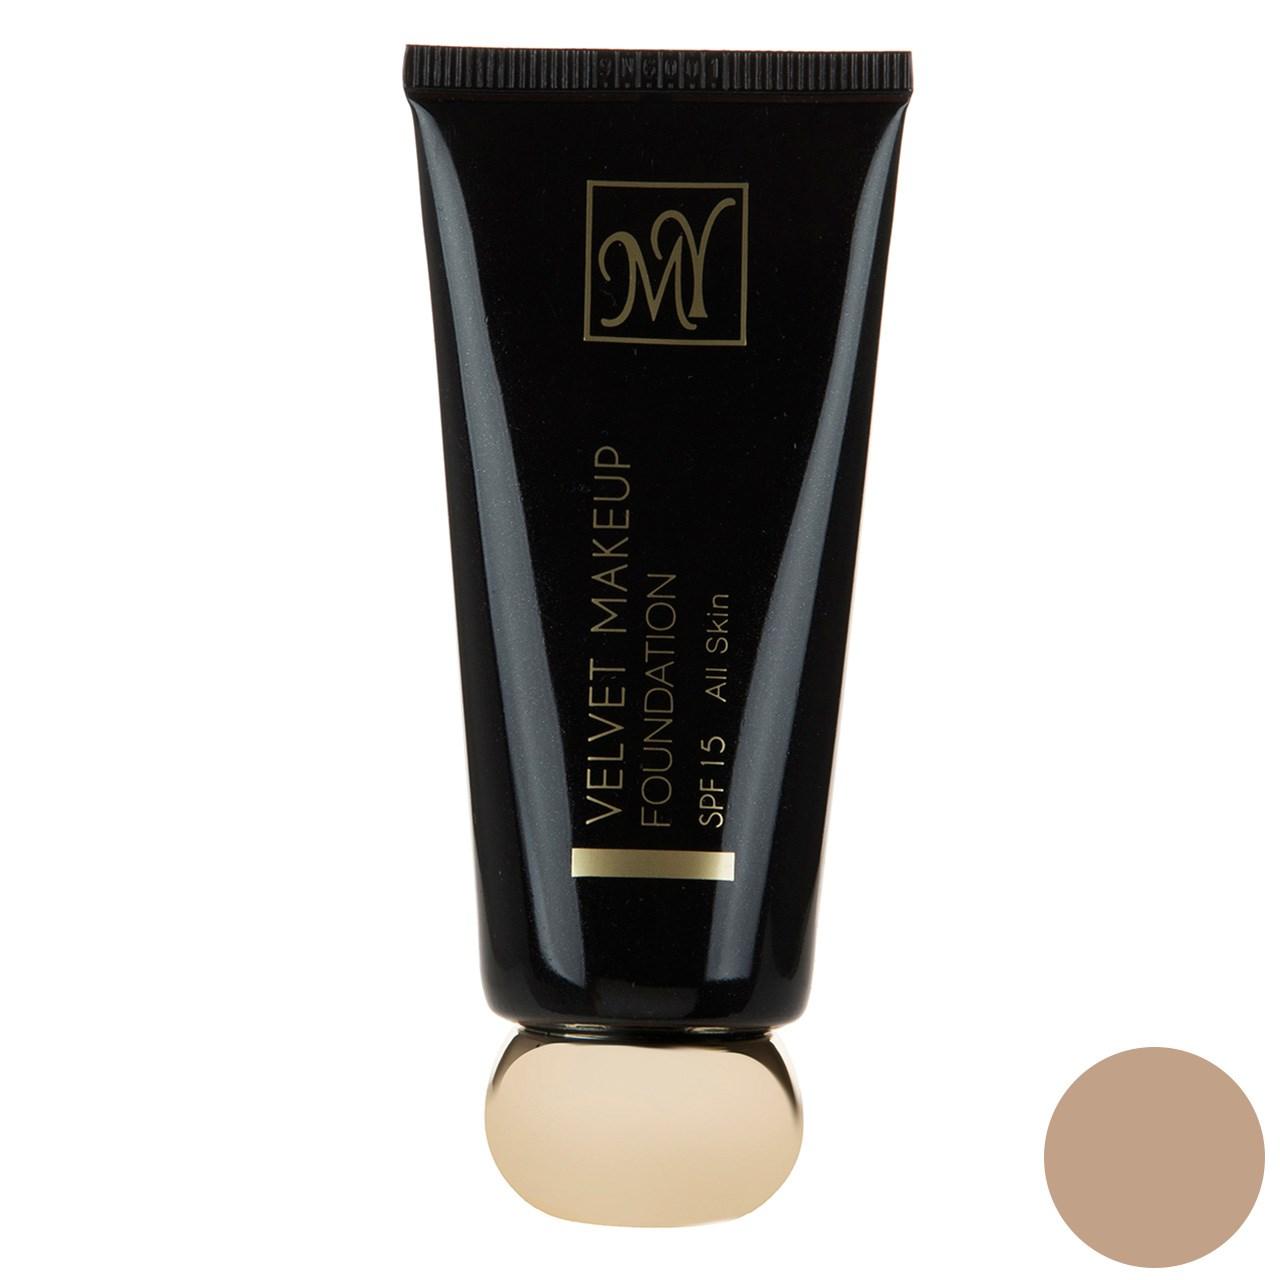 قیمت کرم پودر مای سری Black Diamond مدل Velvet Makeup شماره 05